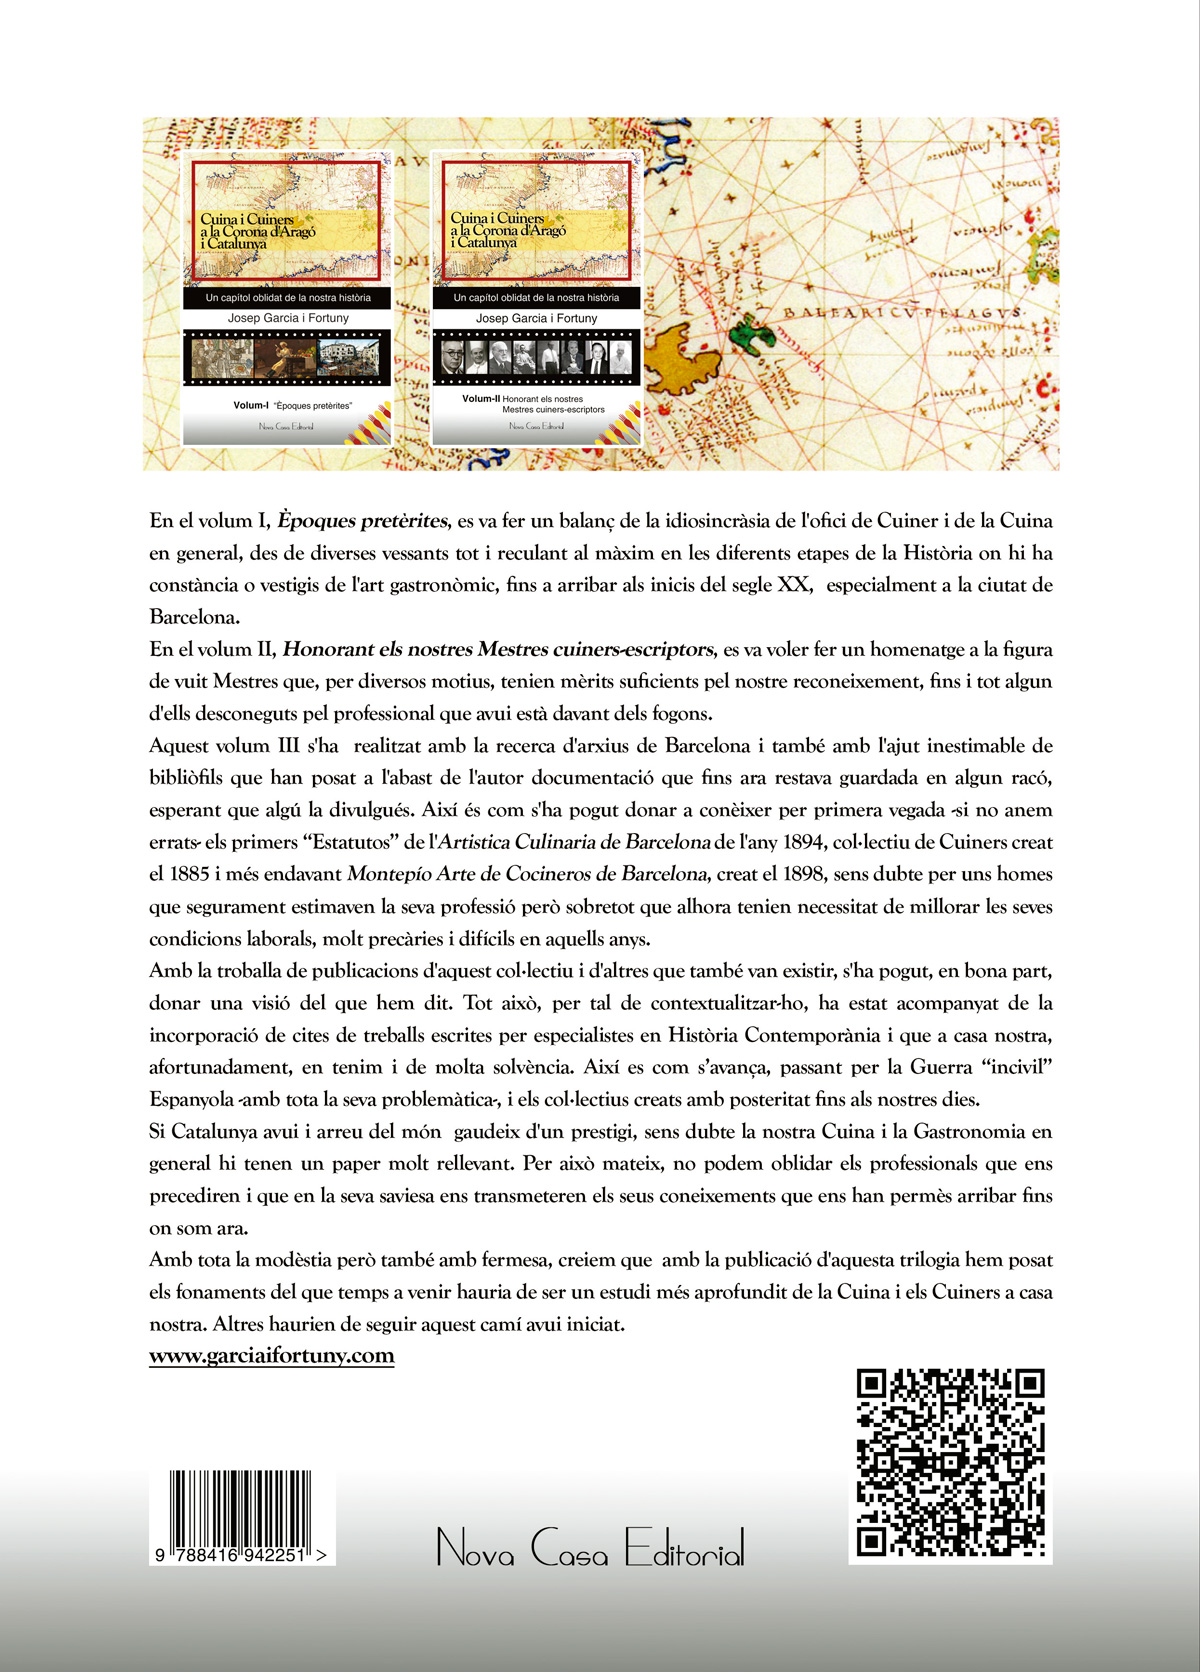 Cuina i Cuiners a la corona d'aragó i catalunya (Vol. III ) - 1885-2008 / Anys d'unions i desunions